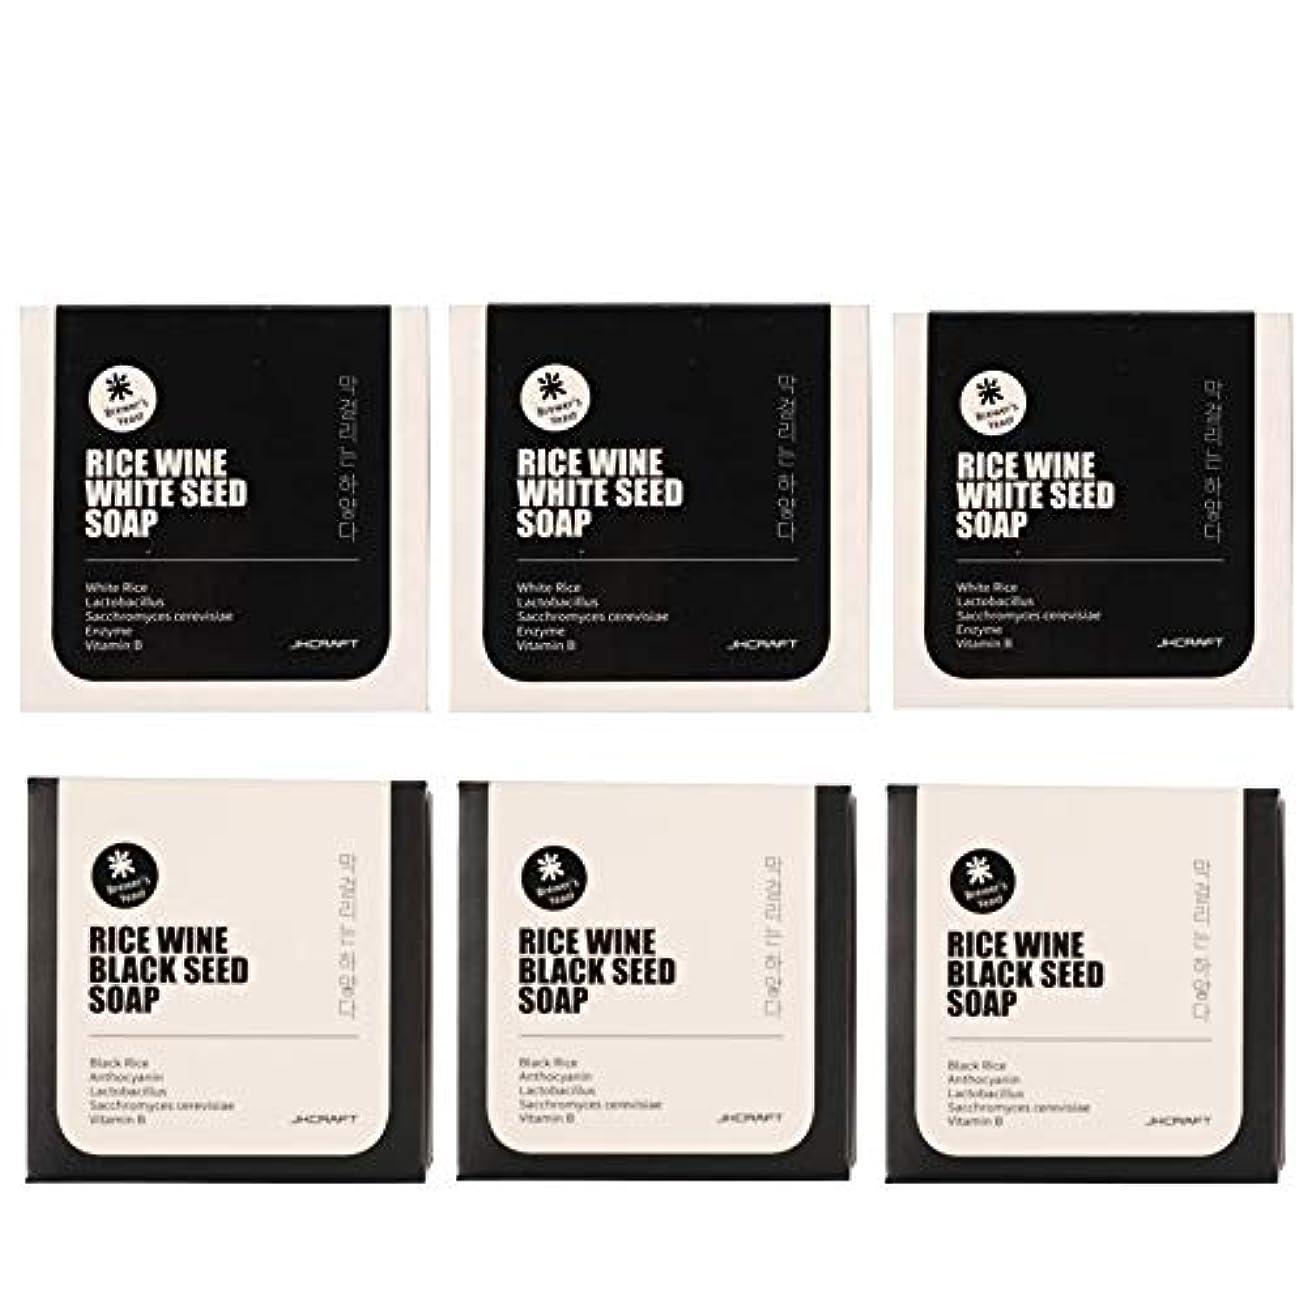 然とした強大なバドミントンJKCRAFT RICEWINE WHITE&BLACK SEED SOAP マッコリ酵母石鹸 & 黒米マッコリ酵母石鹸無添加,無刺激,天然洗顔石鹸 6pcs [並行輸入品]